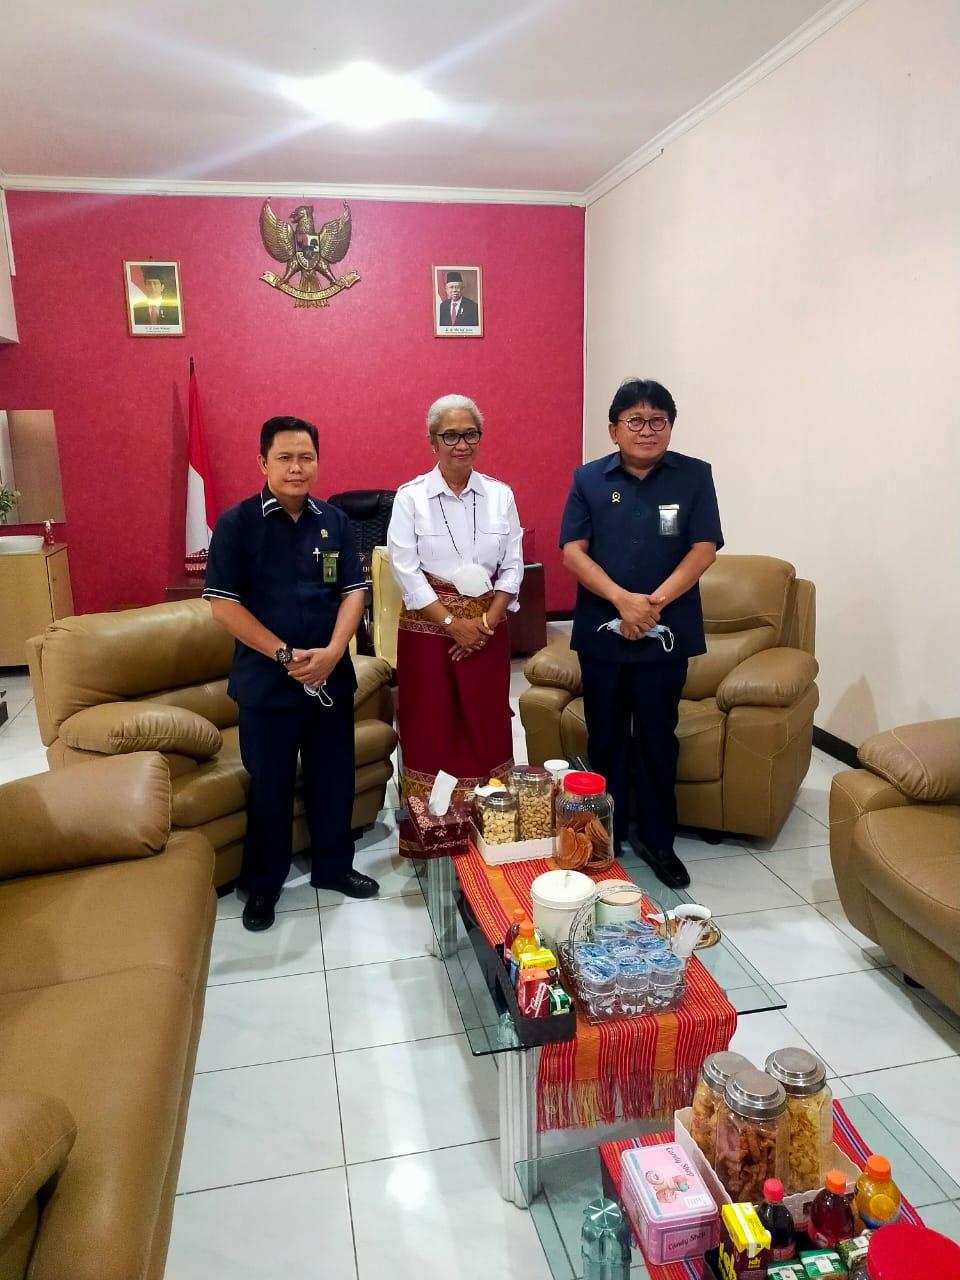 Kunjungan Silaturahmi Ketua Pengadilan Tinggi Kupang dengan Ketua DPRD Provinsi NTT